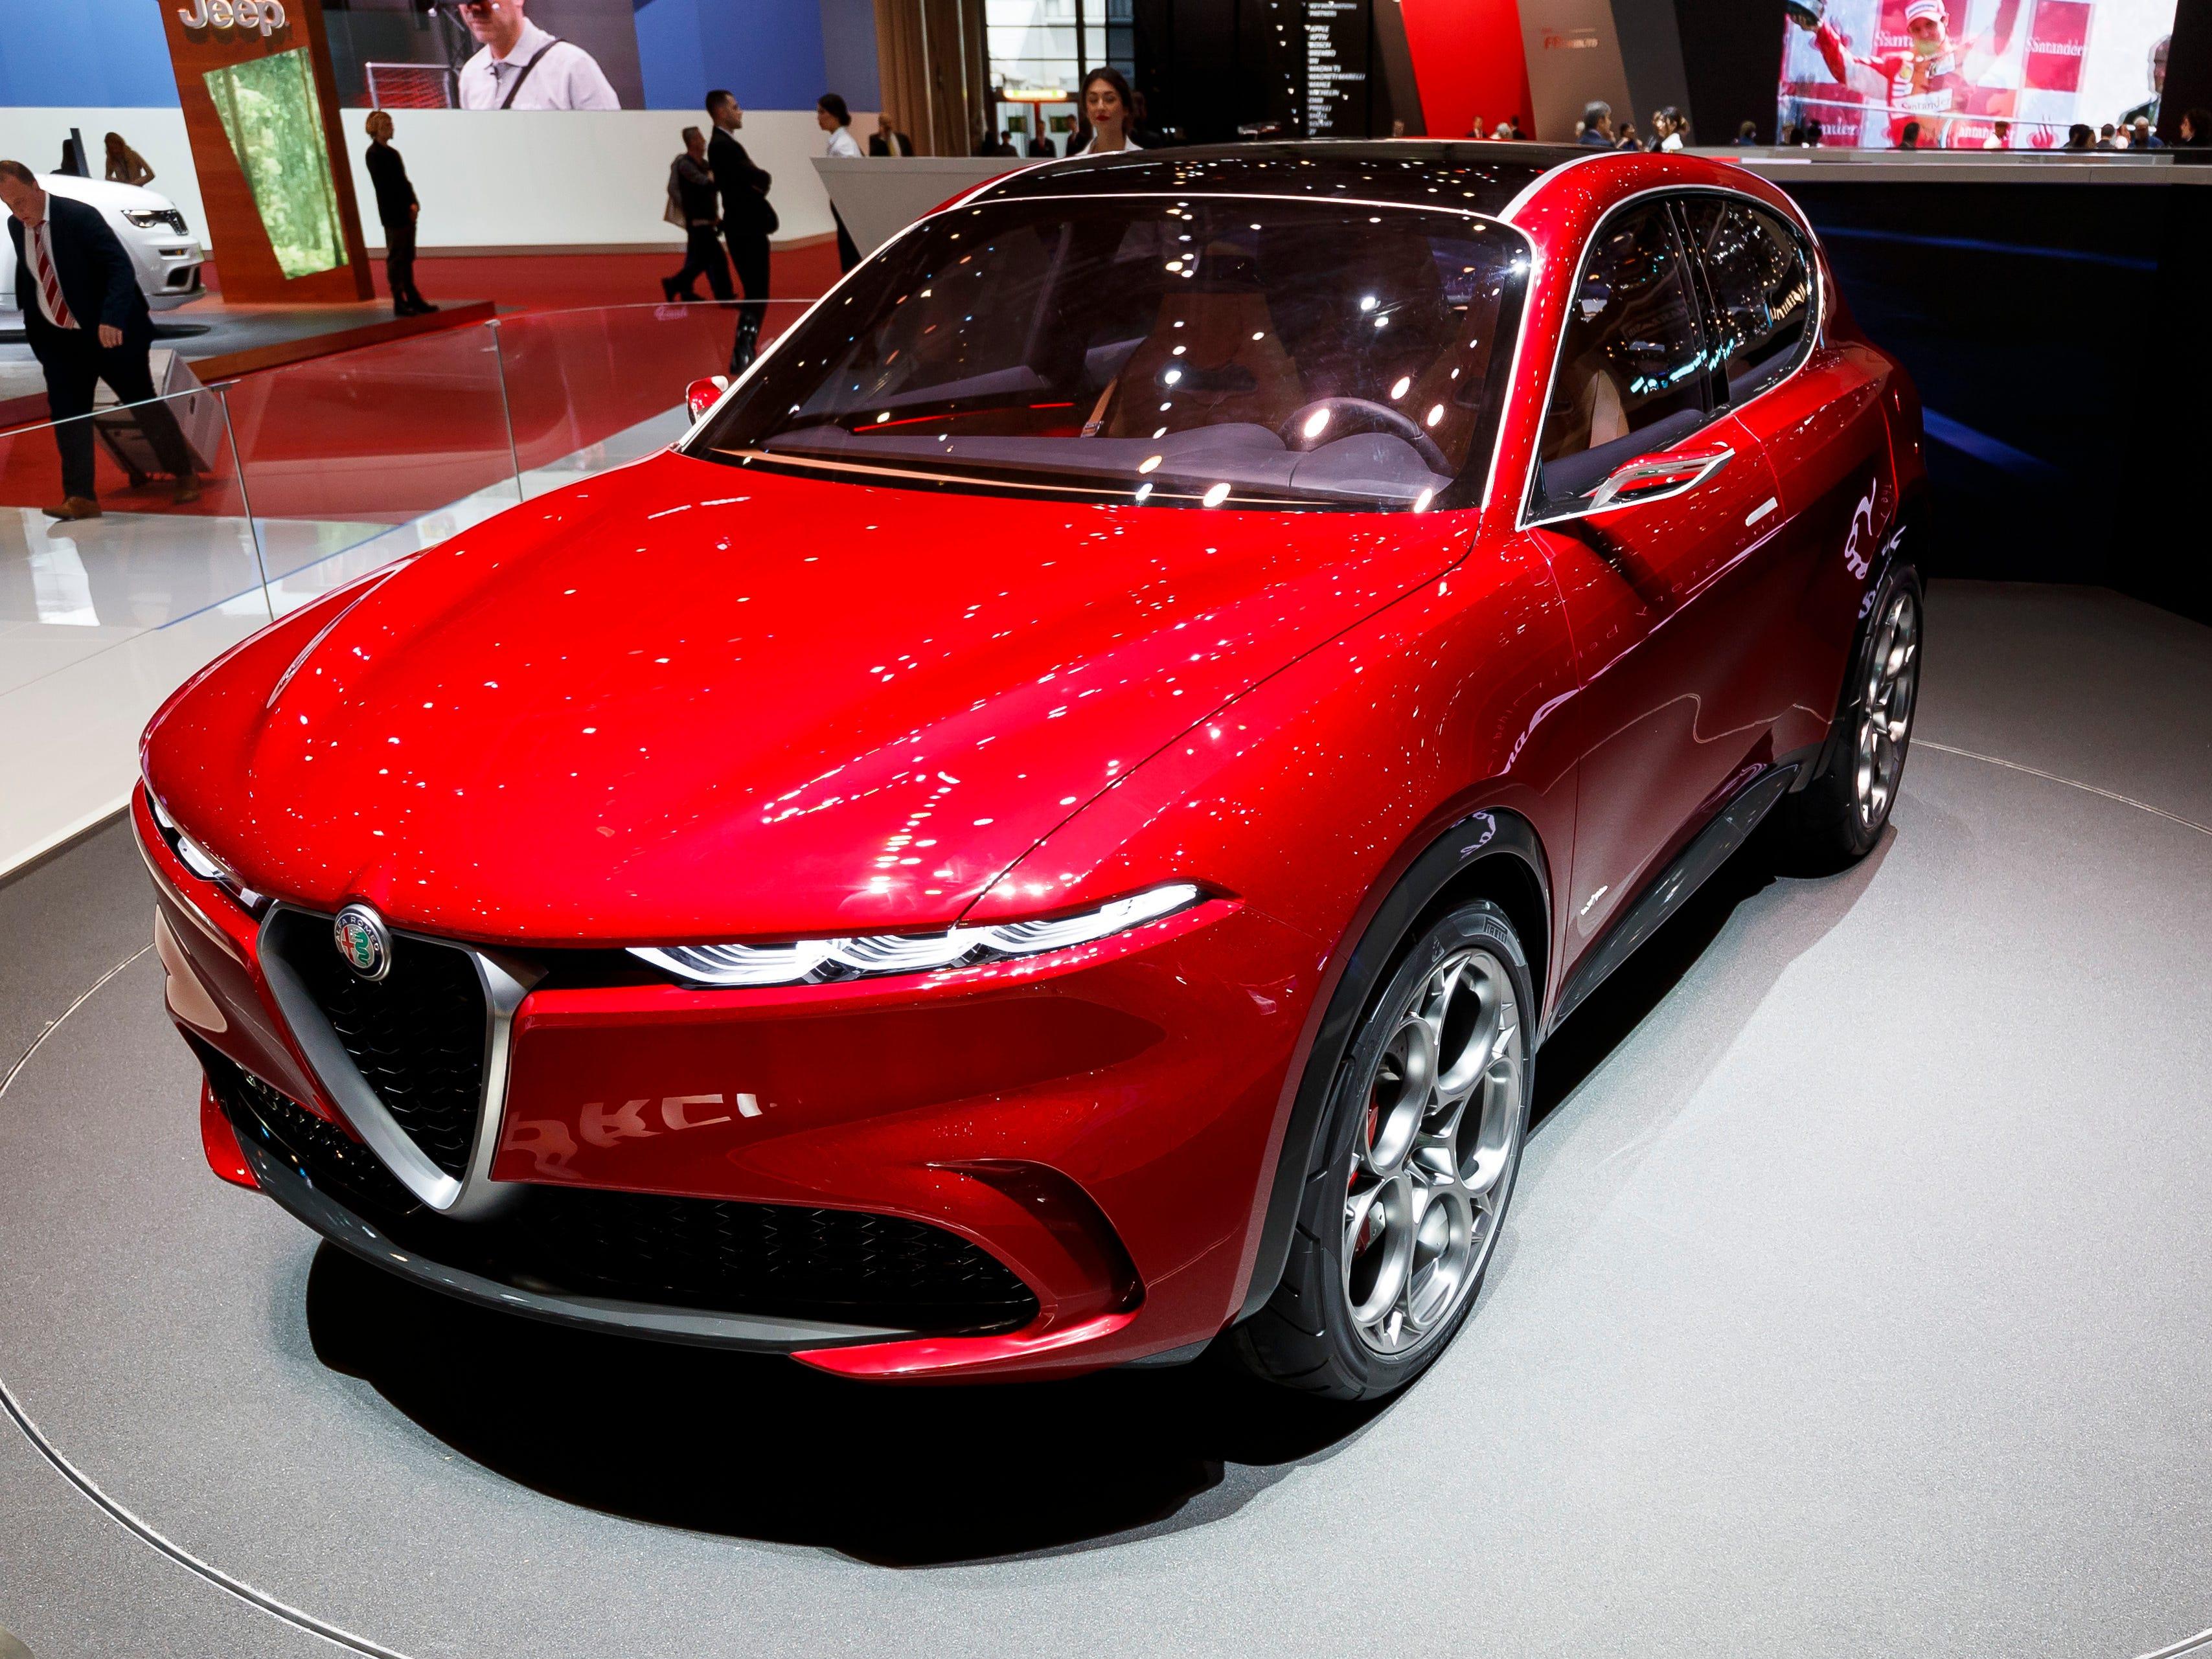 The Alfa Romeo Tonale